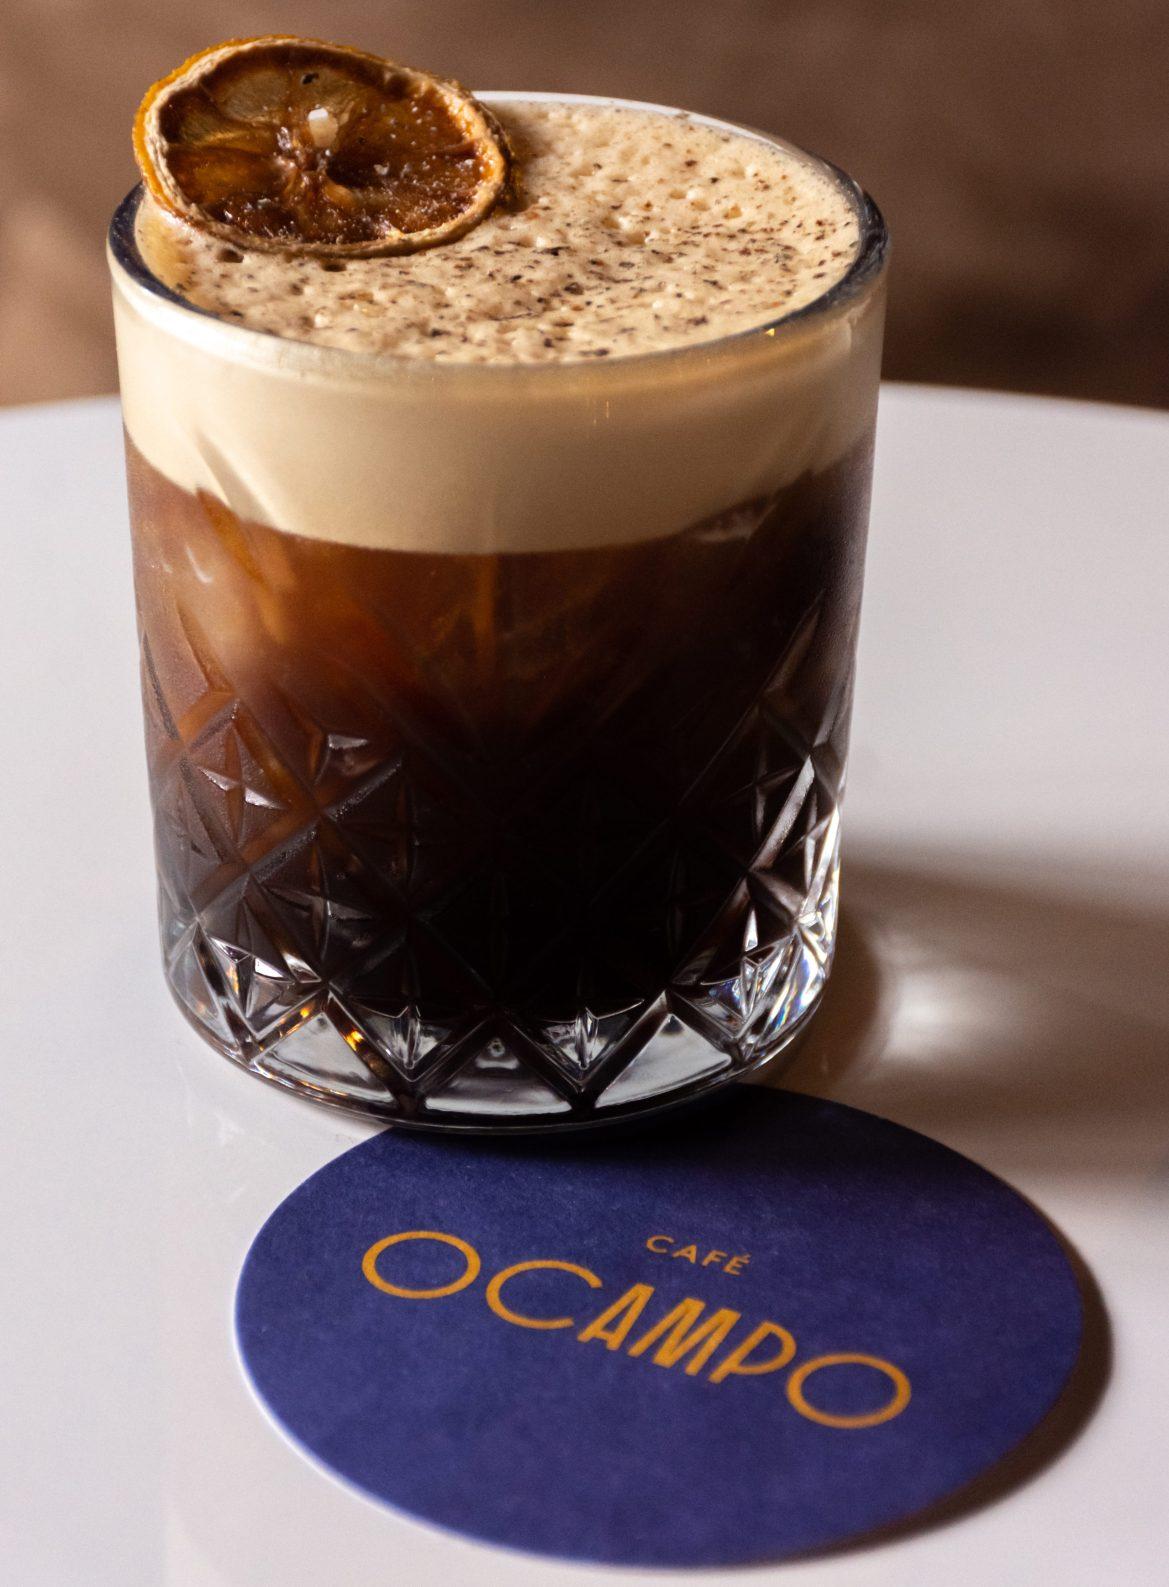 Café Ocampo